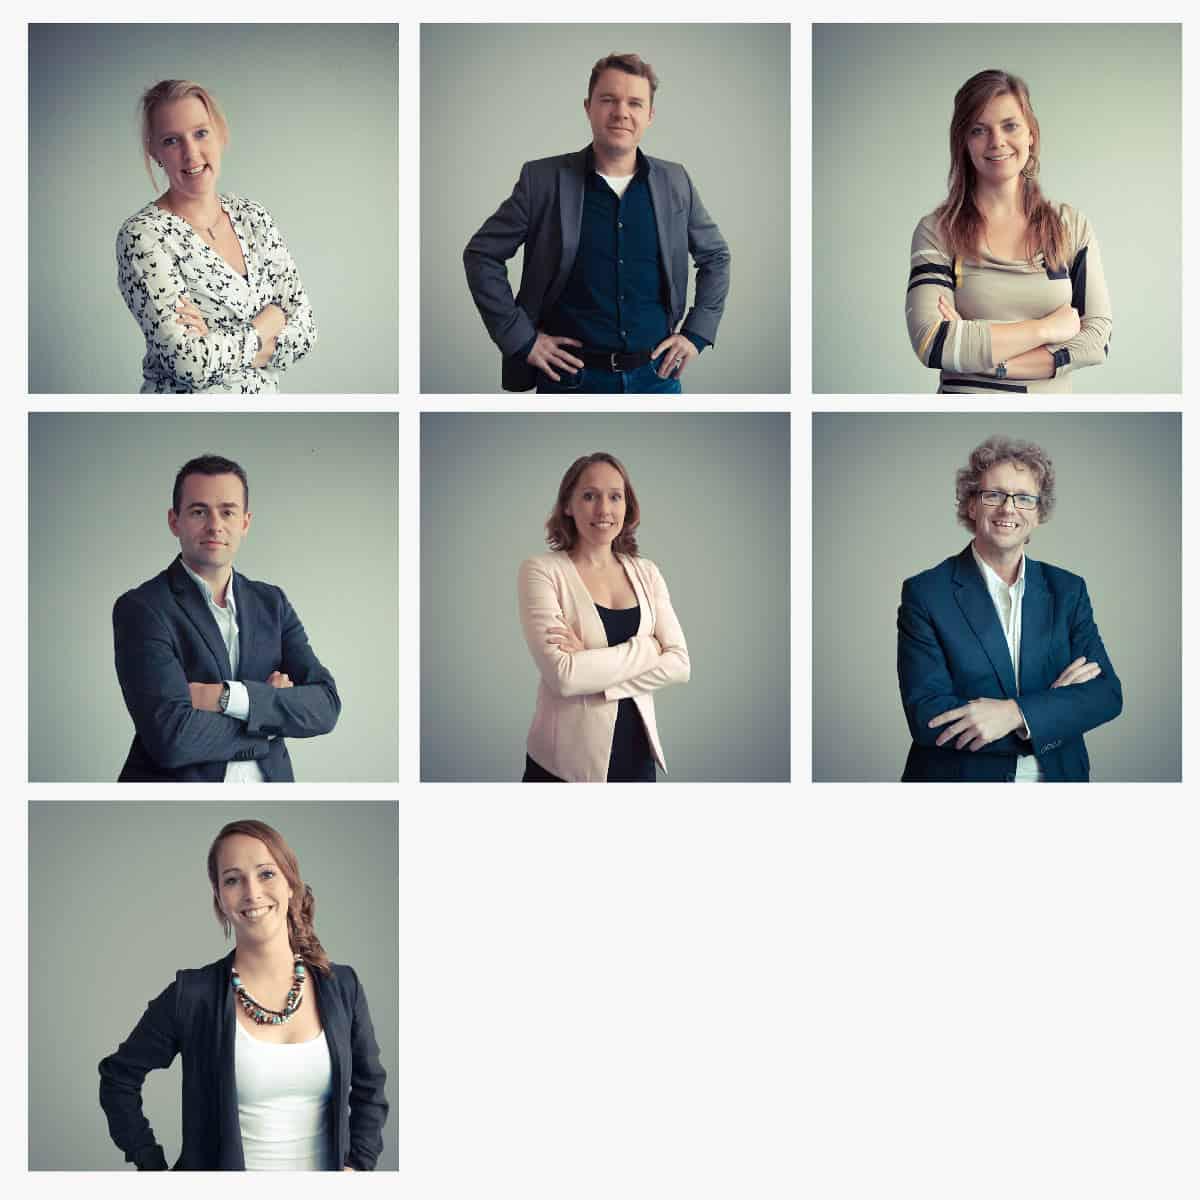 Portretten team kennispraktijk door Peter van der Steege